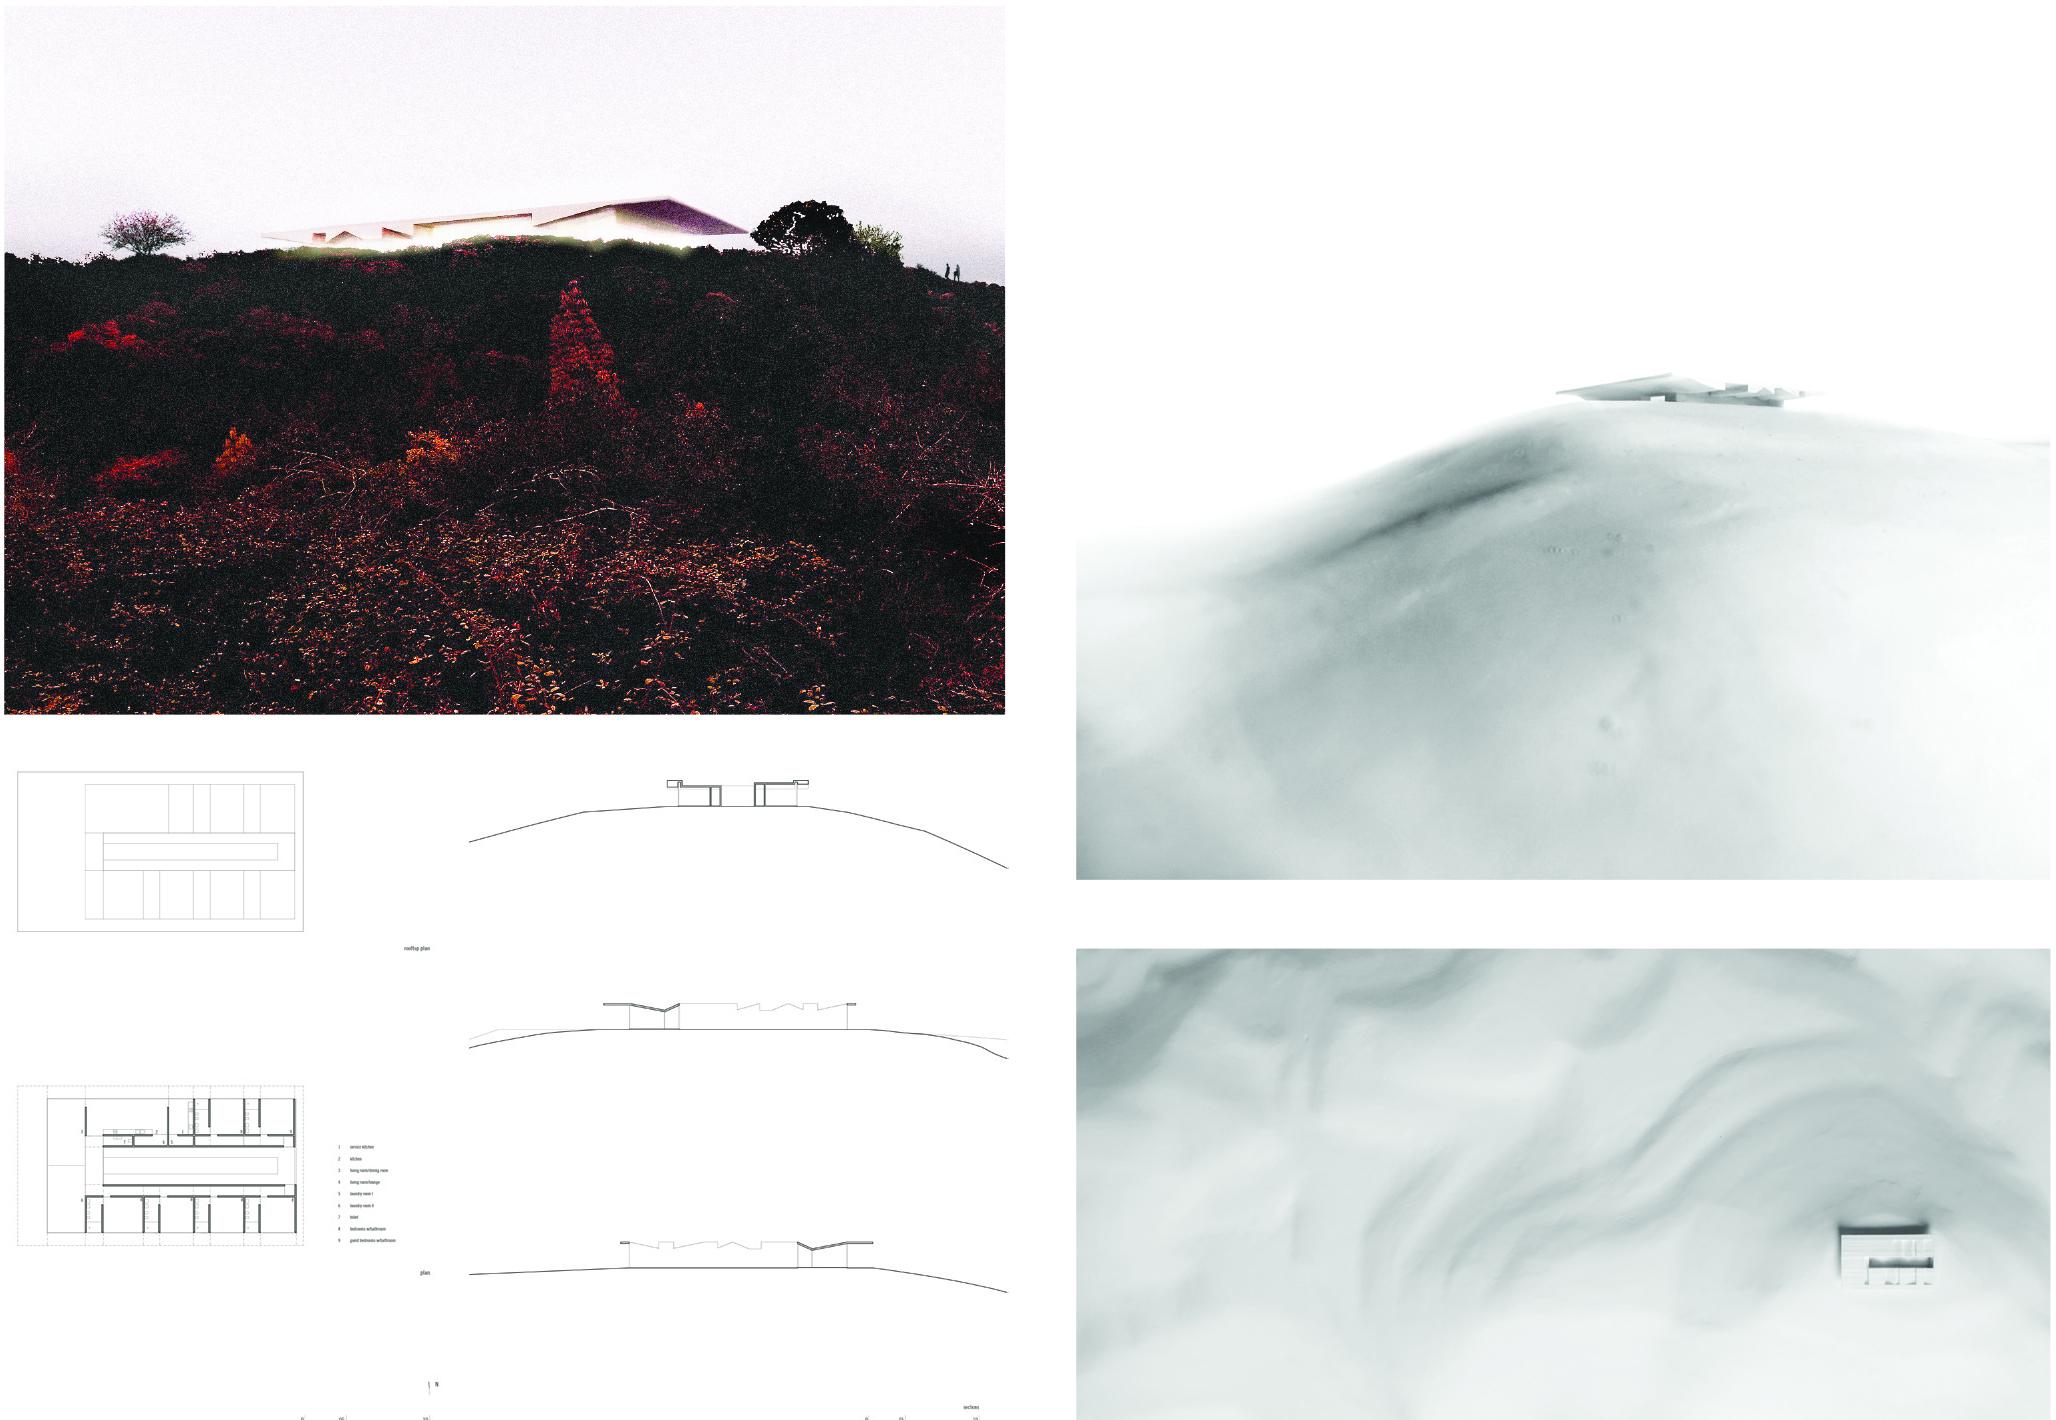 imagem 2 so online